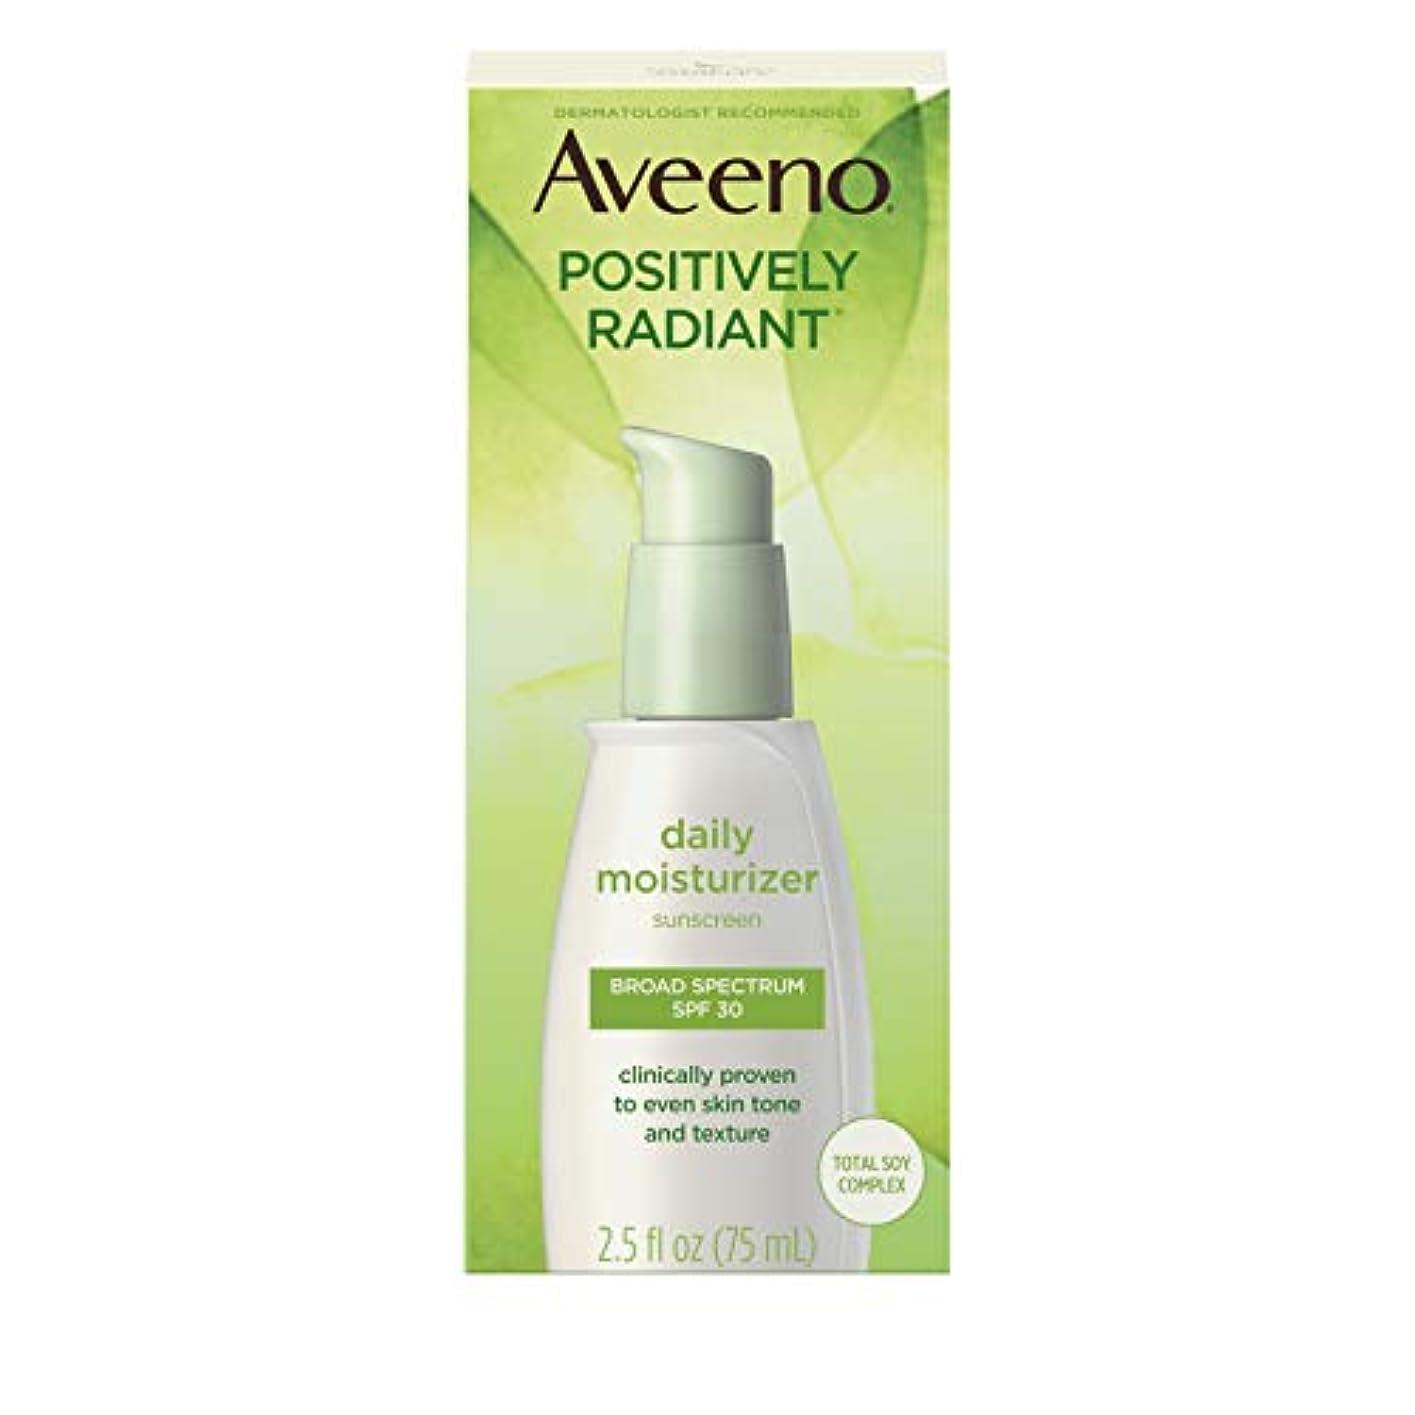 第肝対称Aveeno Active Naturals Positively Radiant Daily Moisturizer SPF-30 UVA/UVB Sunscreen 73 ml